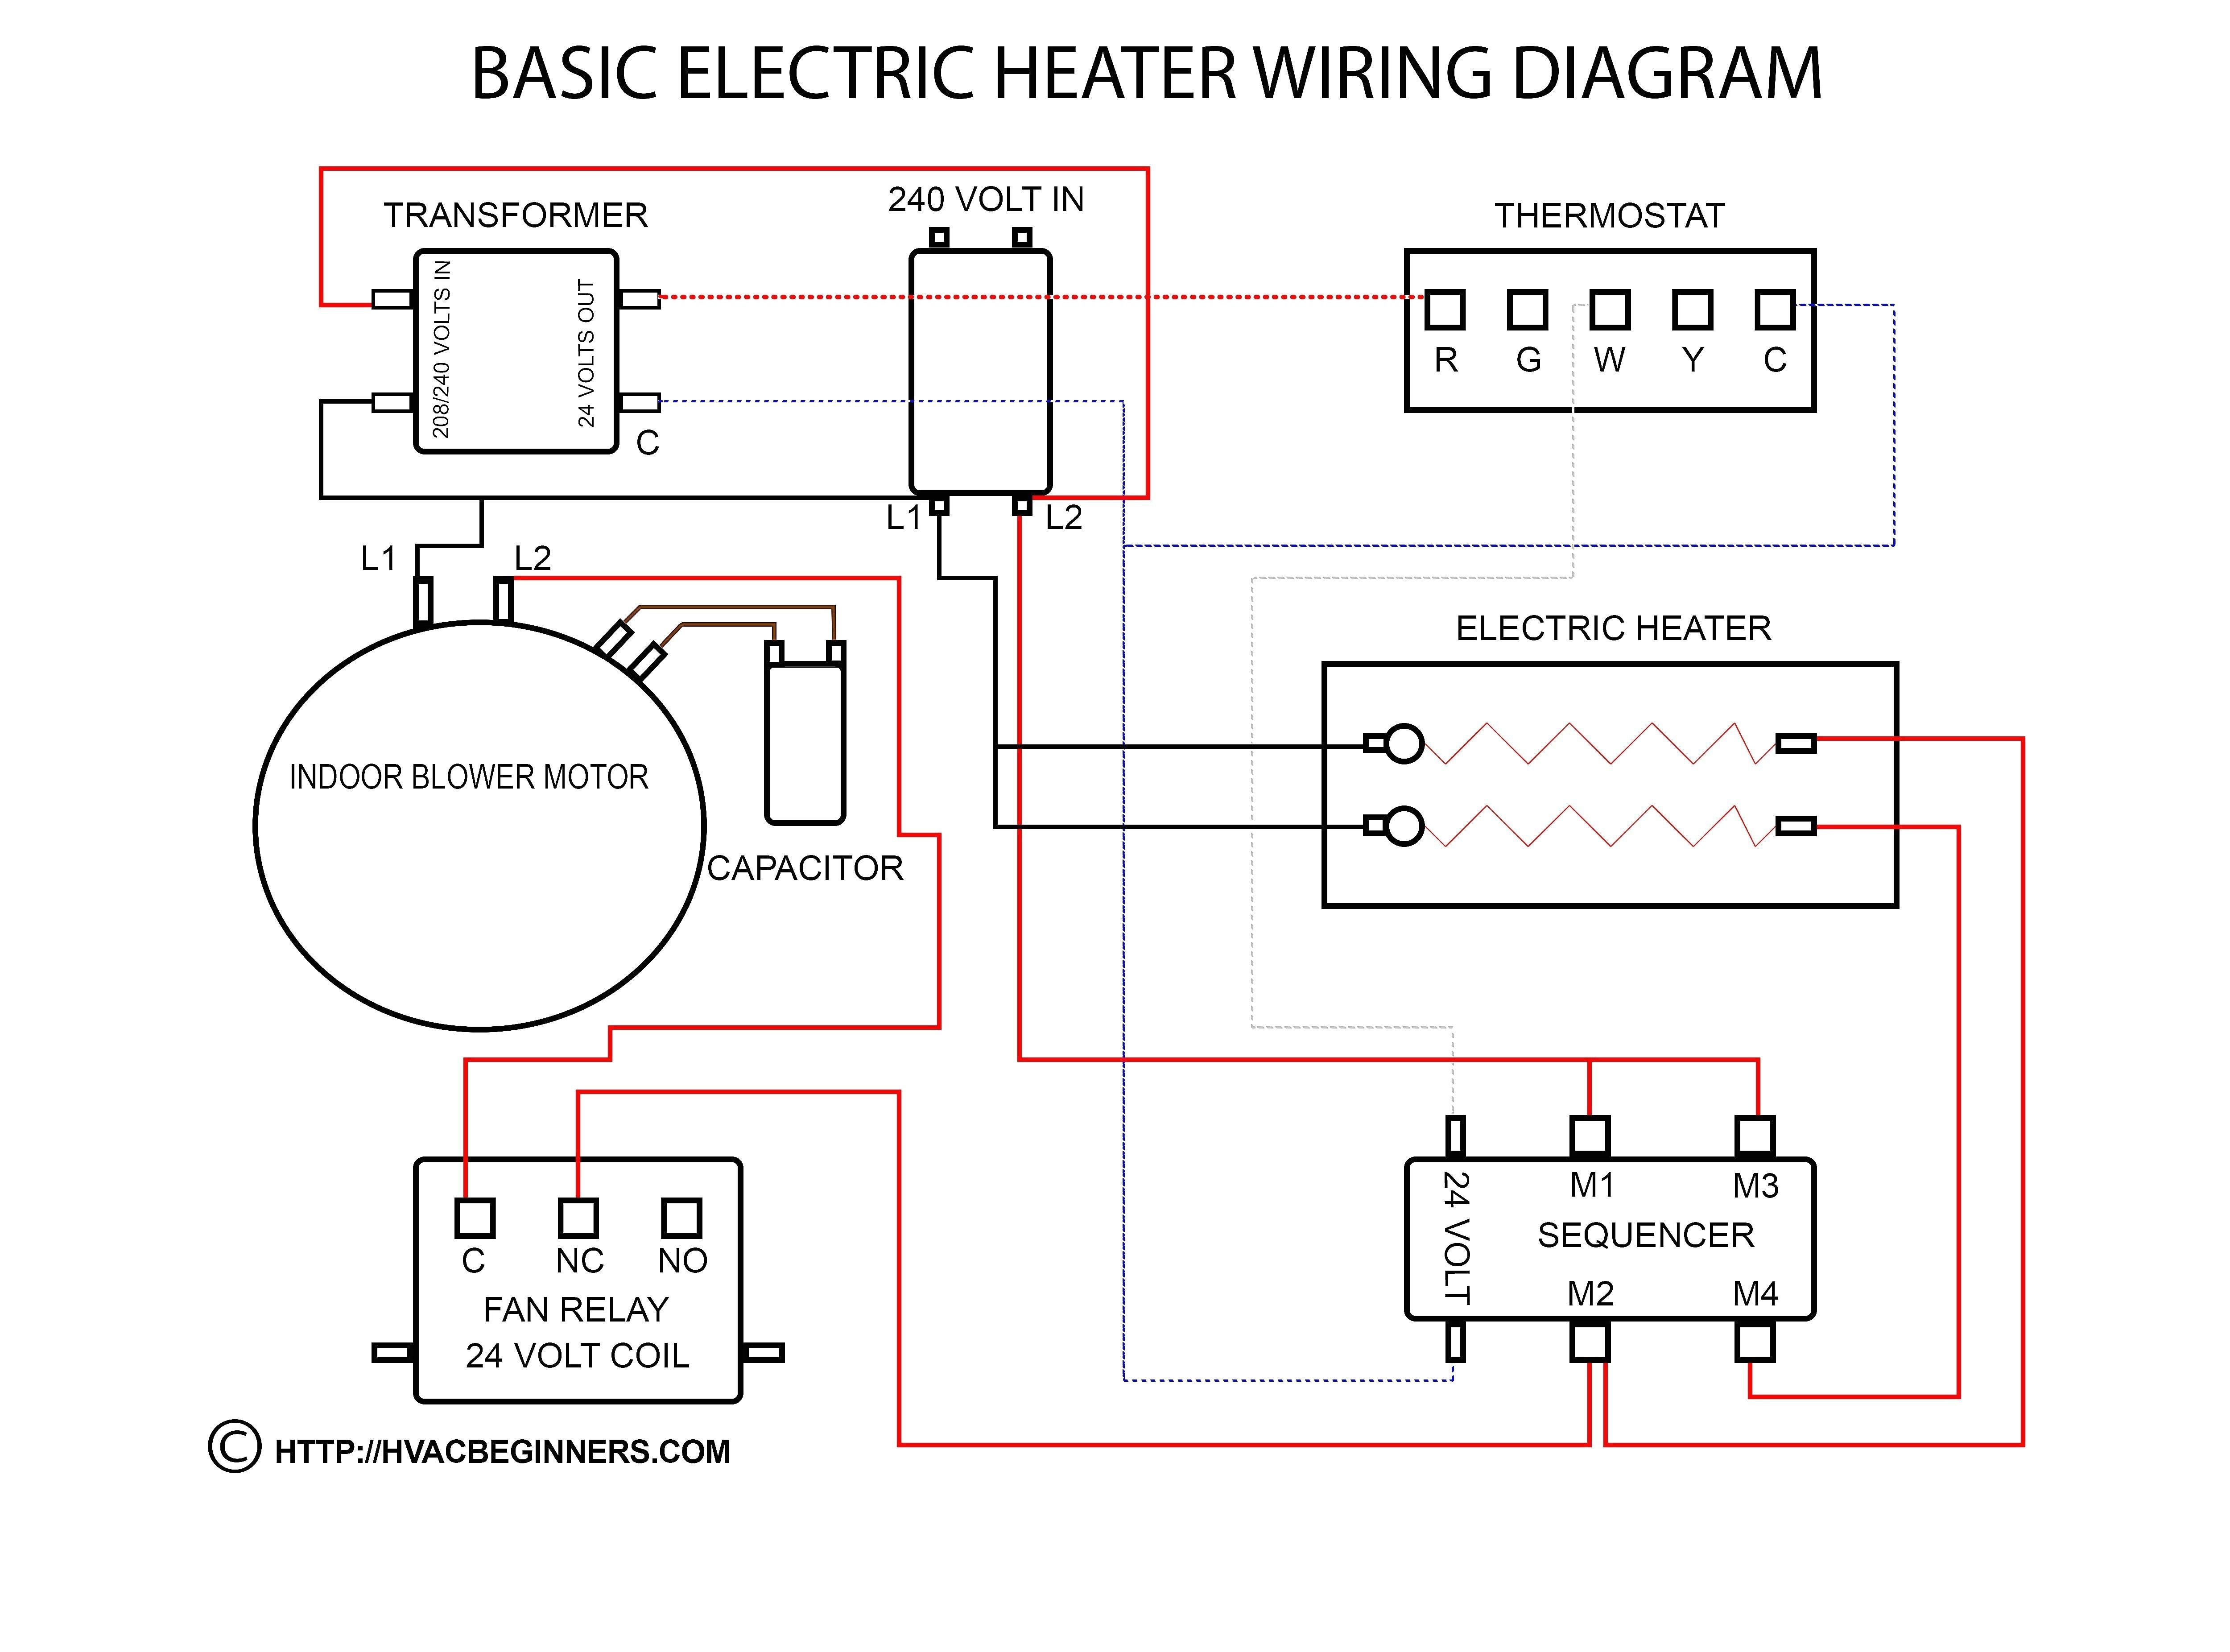 mars wiring diagram blower motor schema wiring diagram mars fan relay wiring diagram wiring diagram toolbox